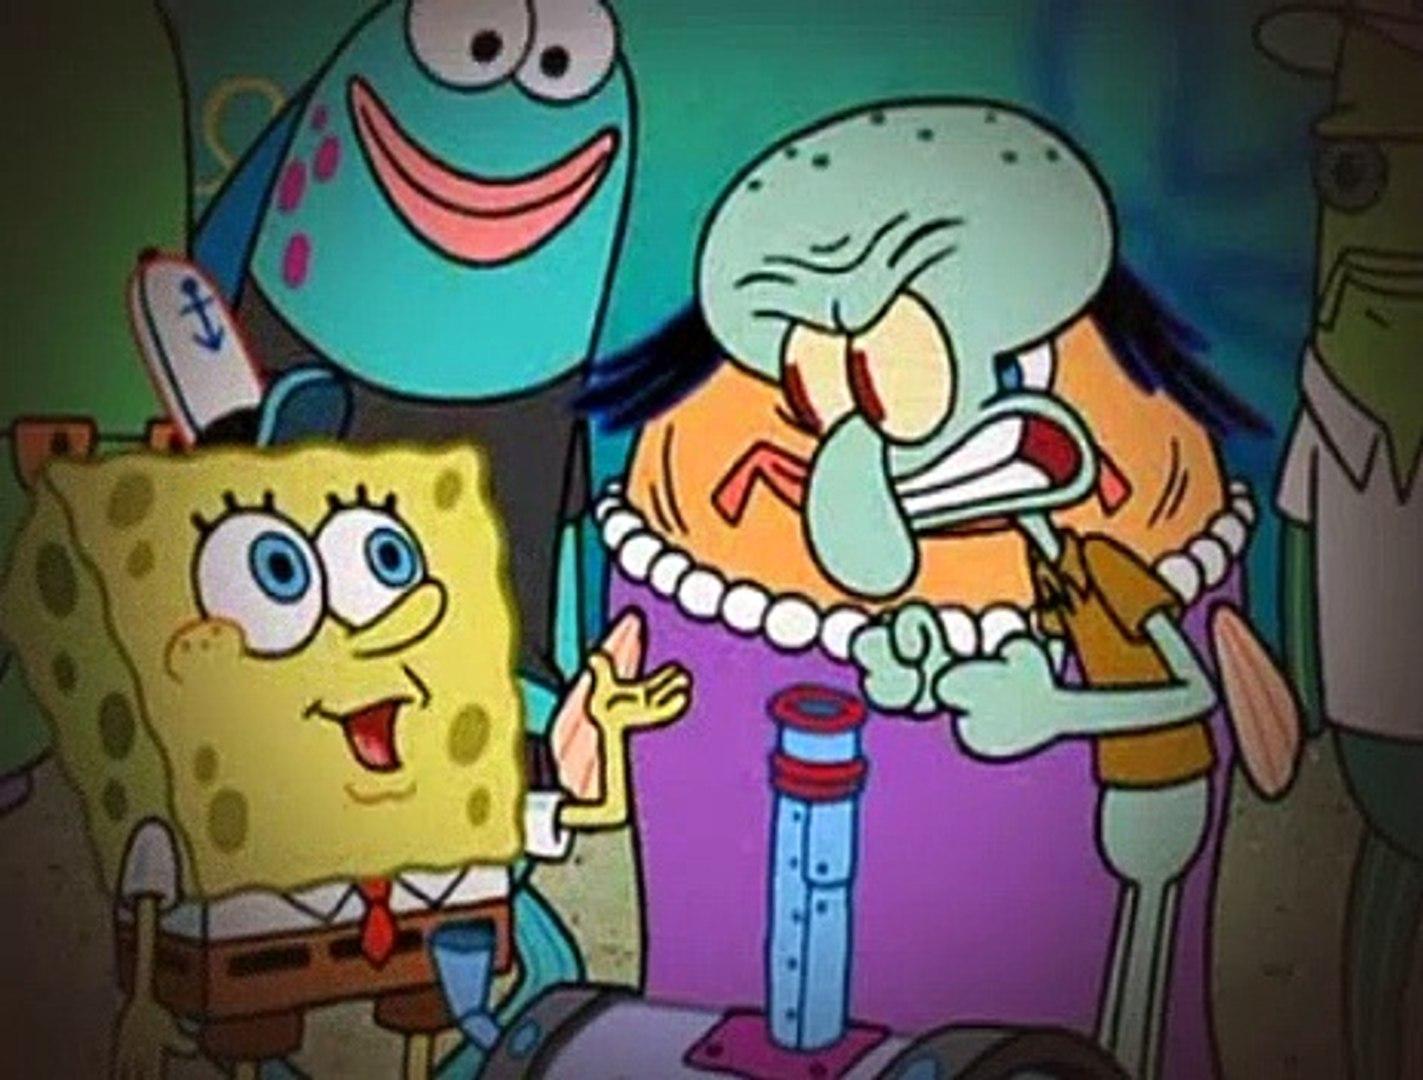 Spongebob Christmas Special.Spongebob Squarepants Christams Special